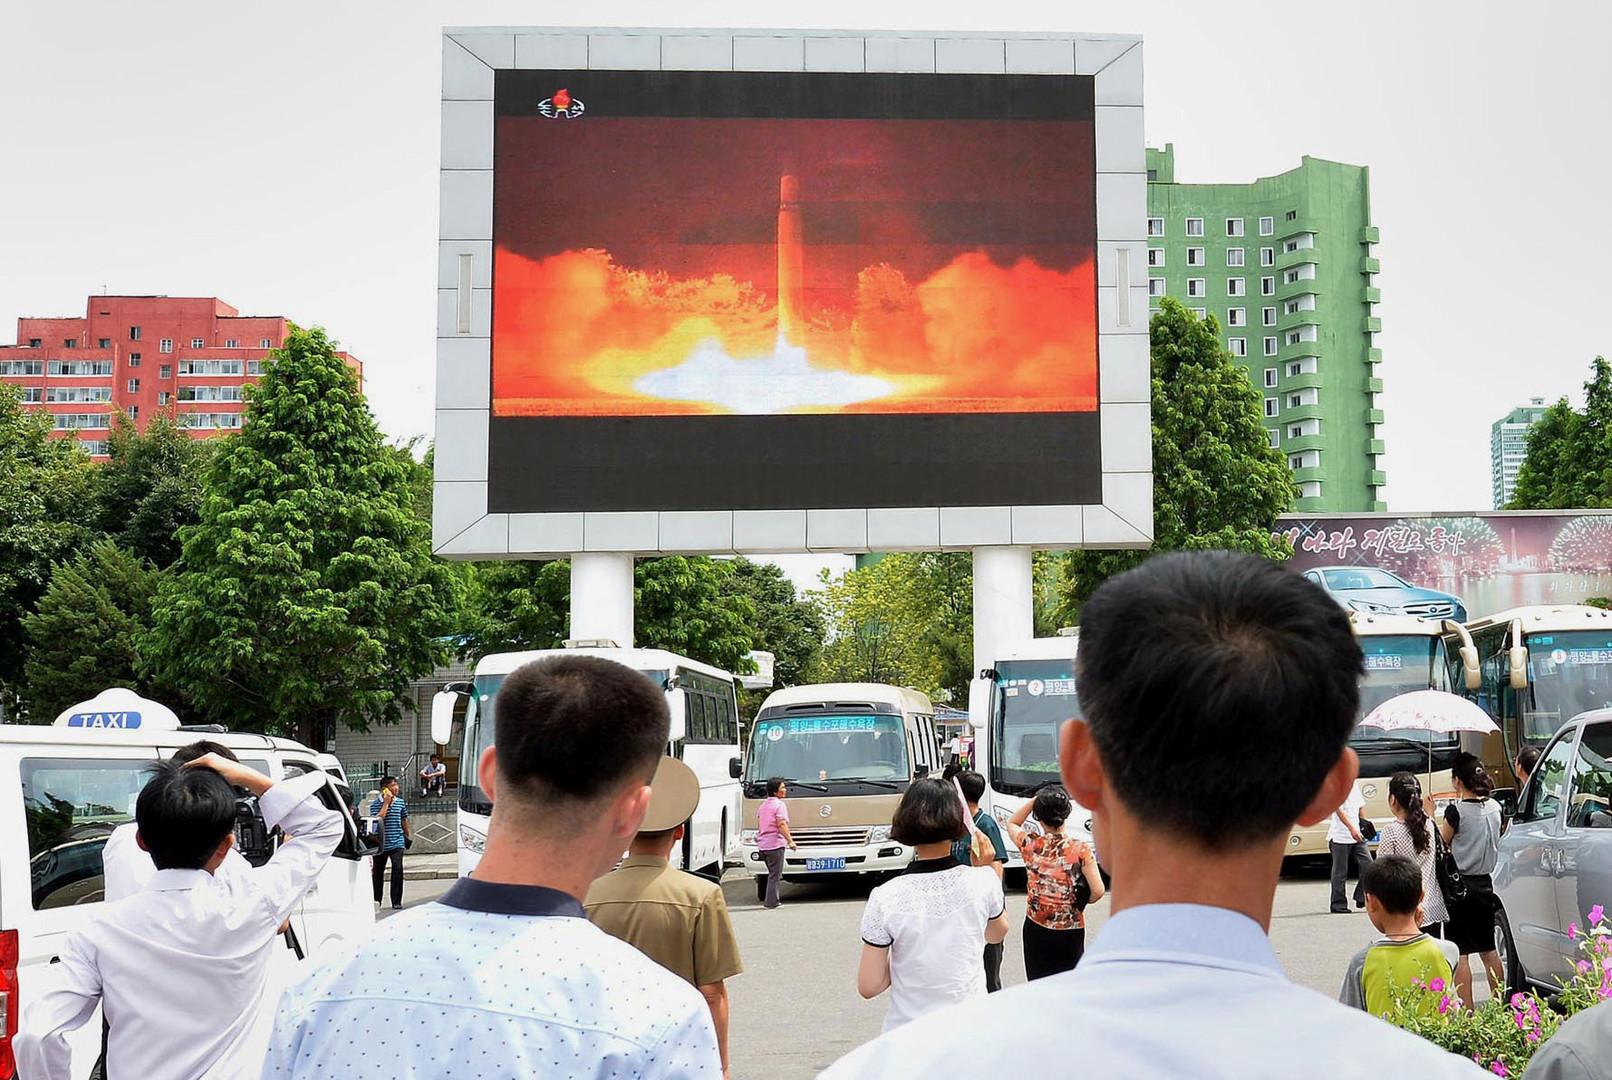 Ответственность закризис вокруг КНДР лежит наПхеньяне иВашингтоне— КНР